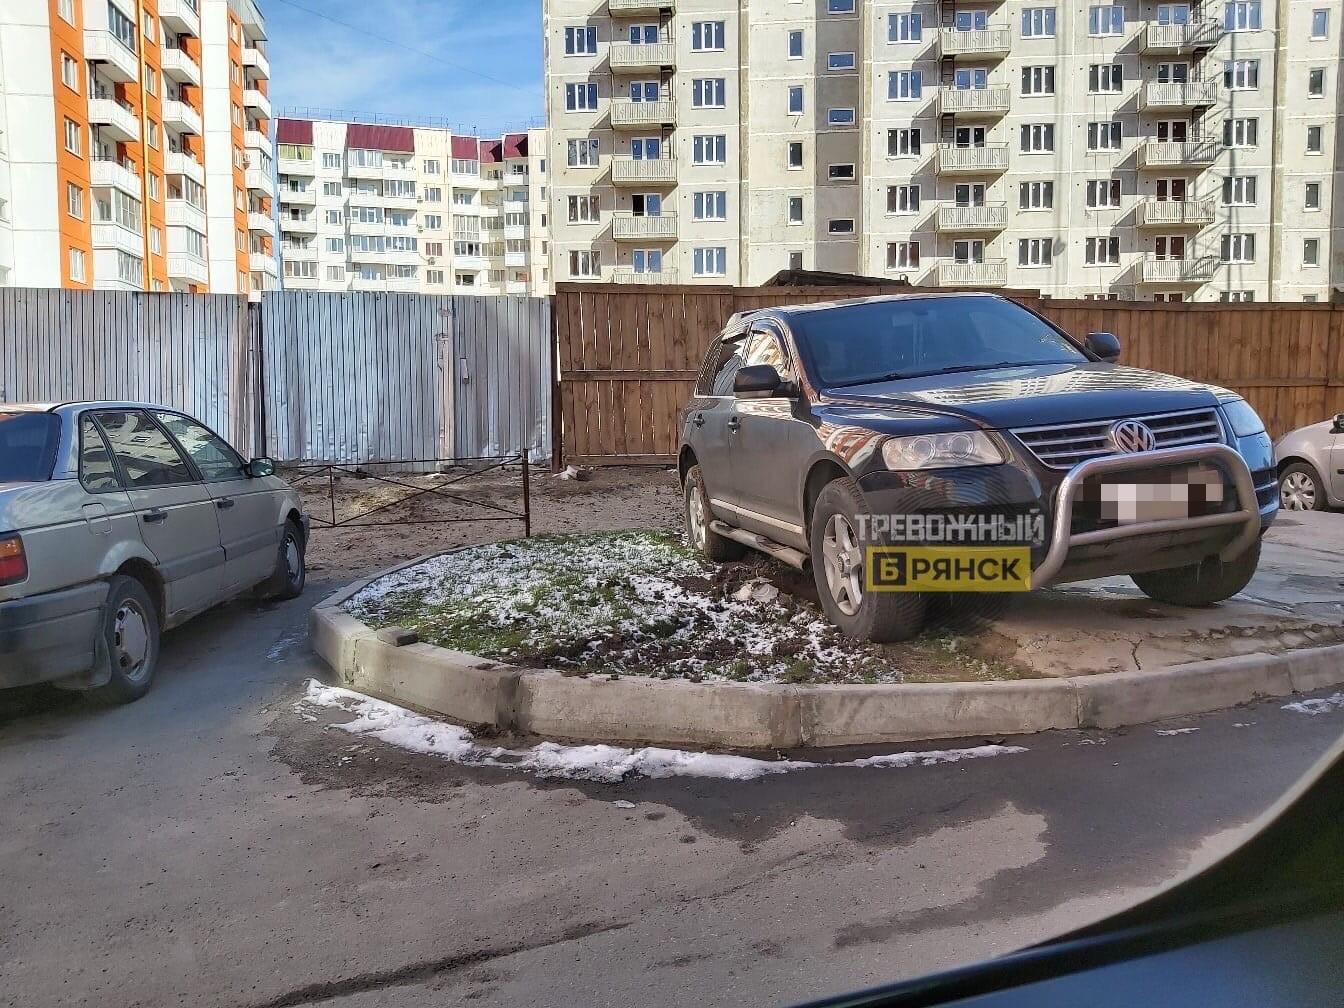 В Брянске автохам припарковал машину на клумбе